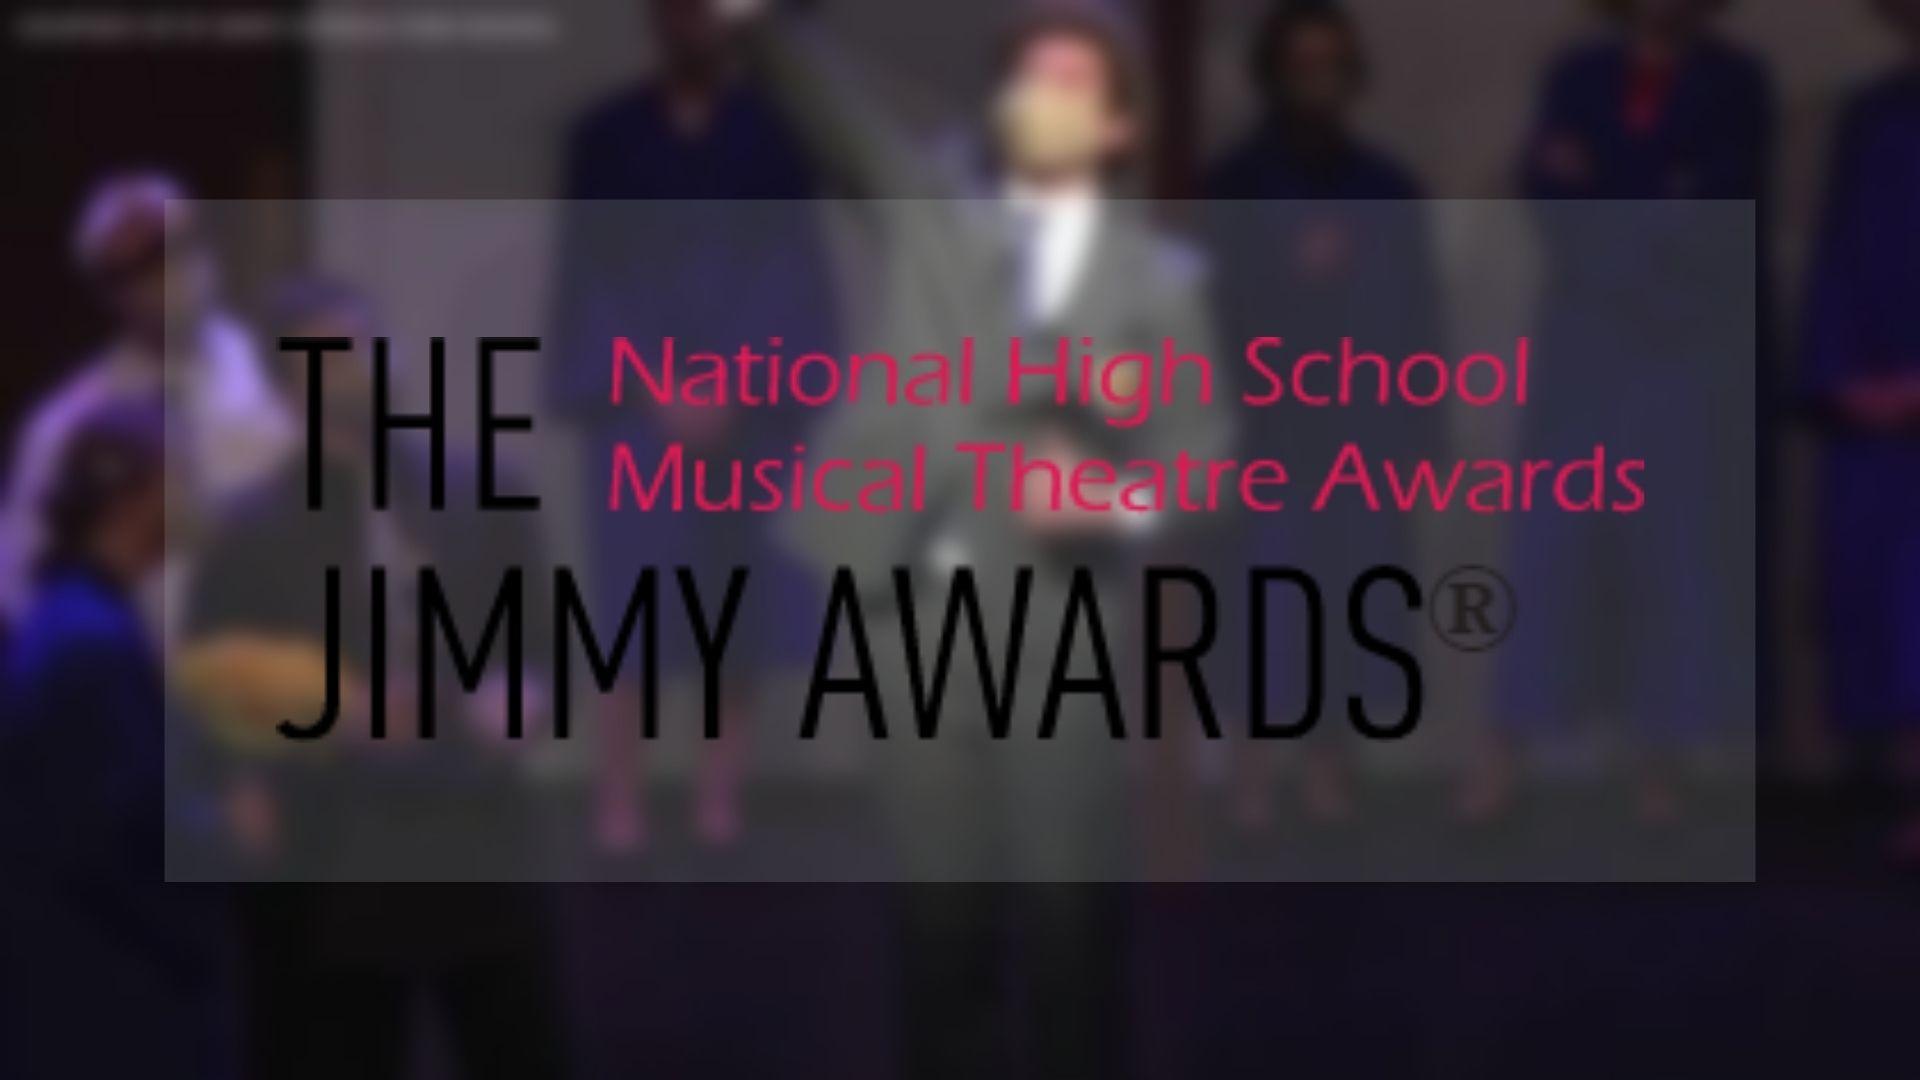 Jimmy Awards